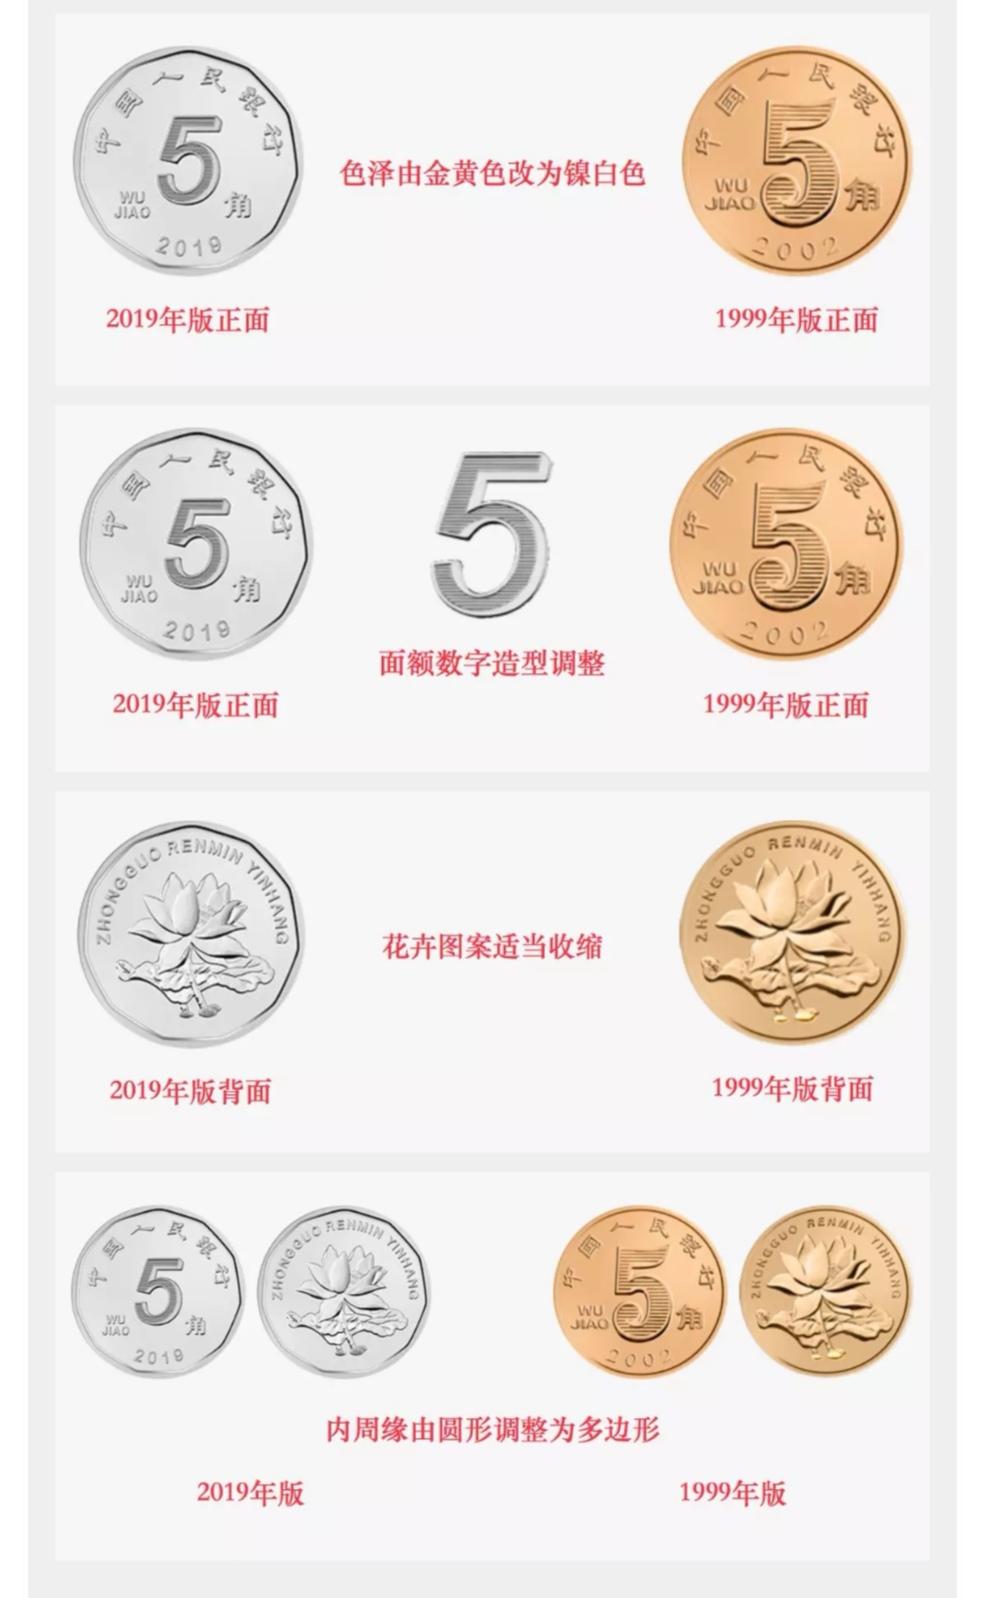 新版5角硬币特征 来源:央行微信号